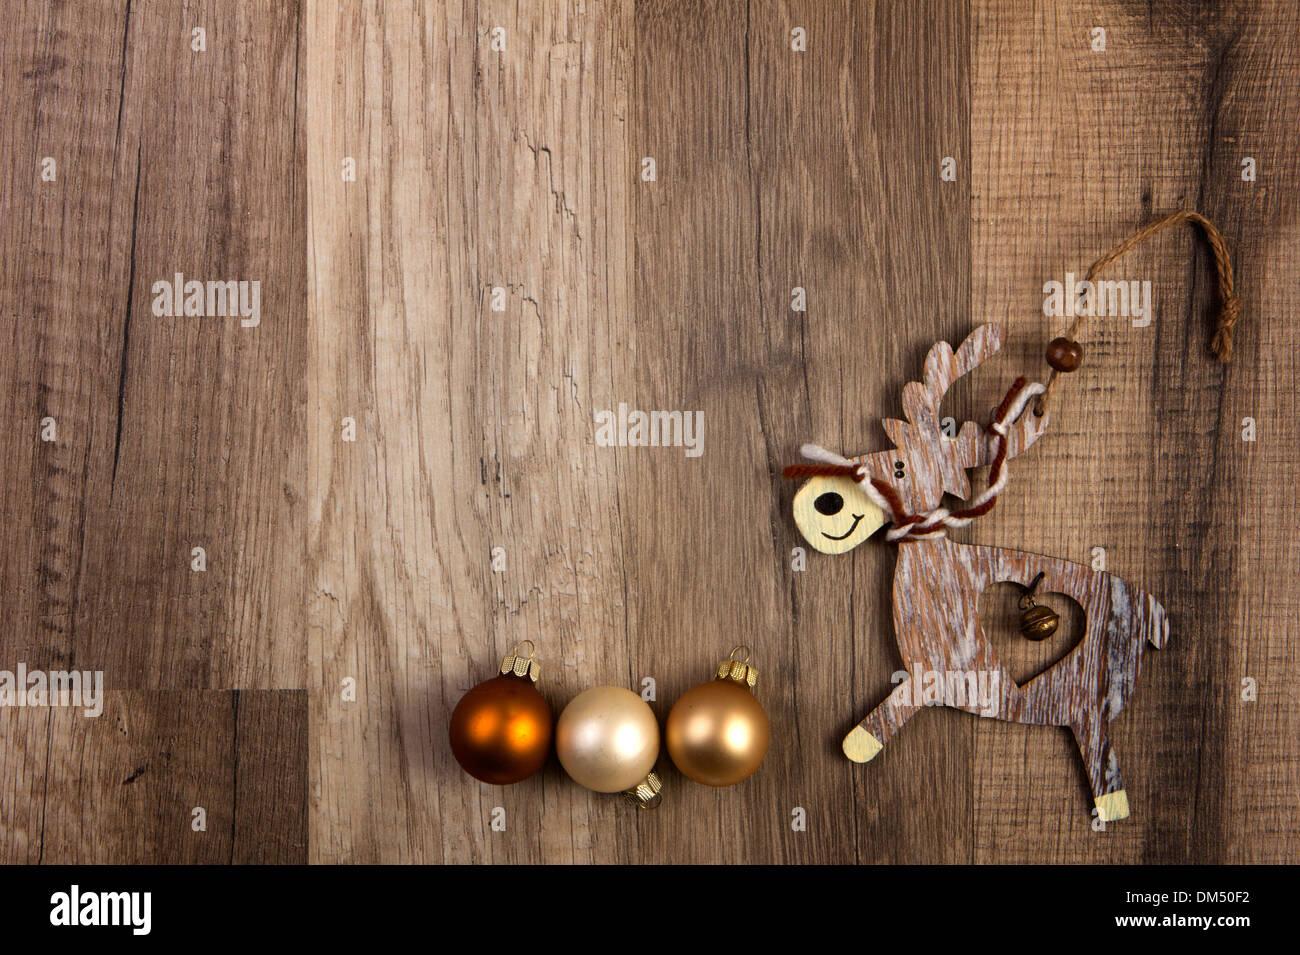 Dm Christbaumkugeln.Christbaumkugeln Braun Elch Auf Hölzernen Hintergrund Stockfoto